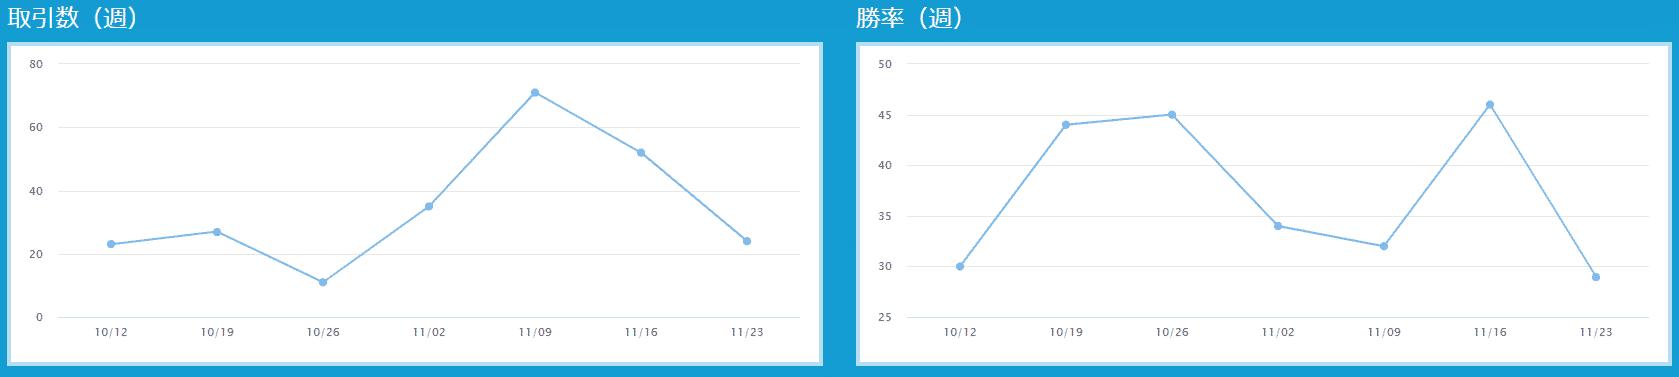 プロップトレーダーチャートYamada3